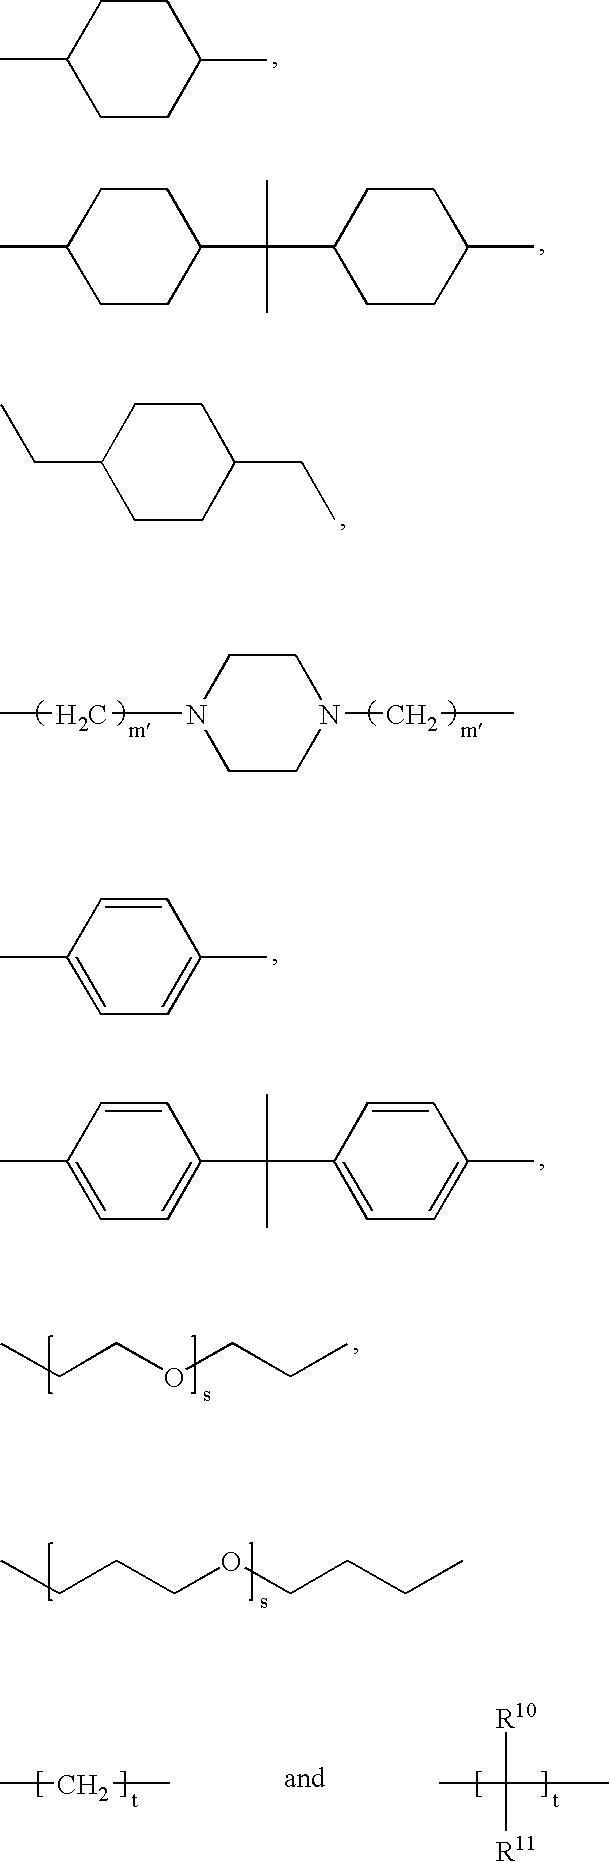 Figure US20060235084A1-20061019-C00053